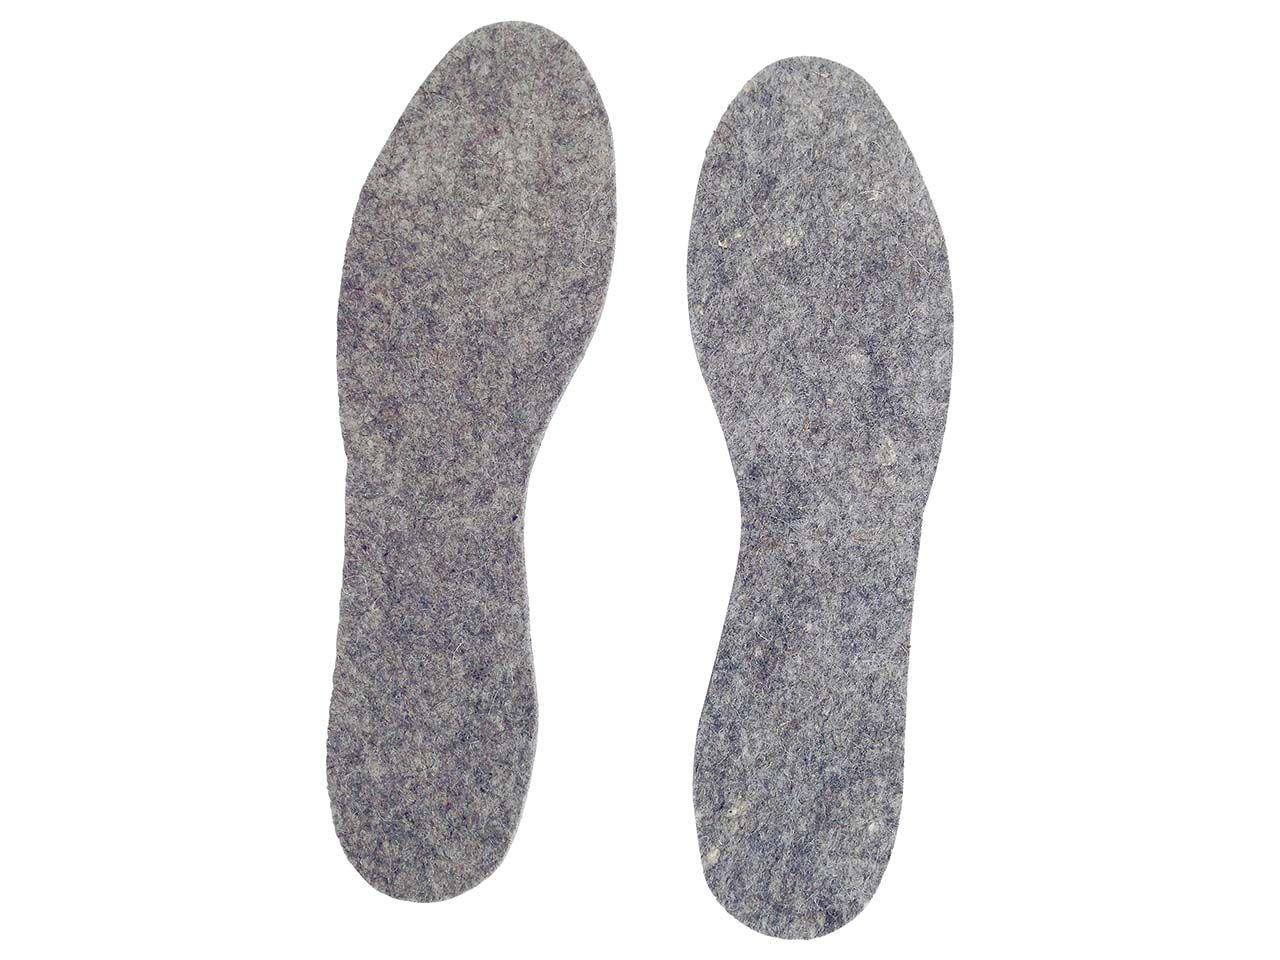 Schuheinlagen aus Wollfilz, Gr. 38-39 6200106